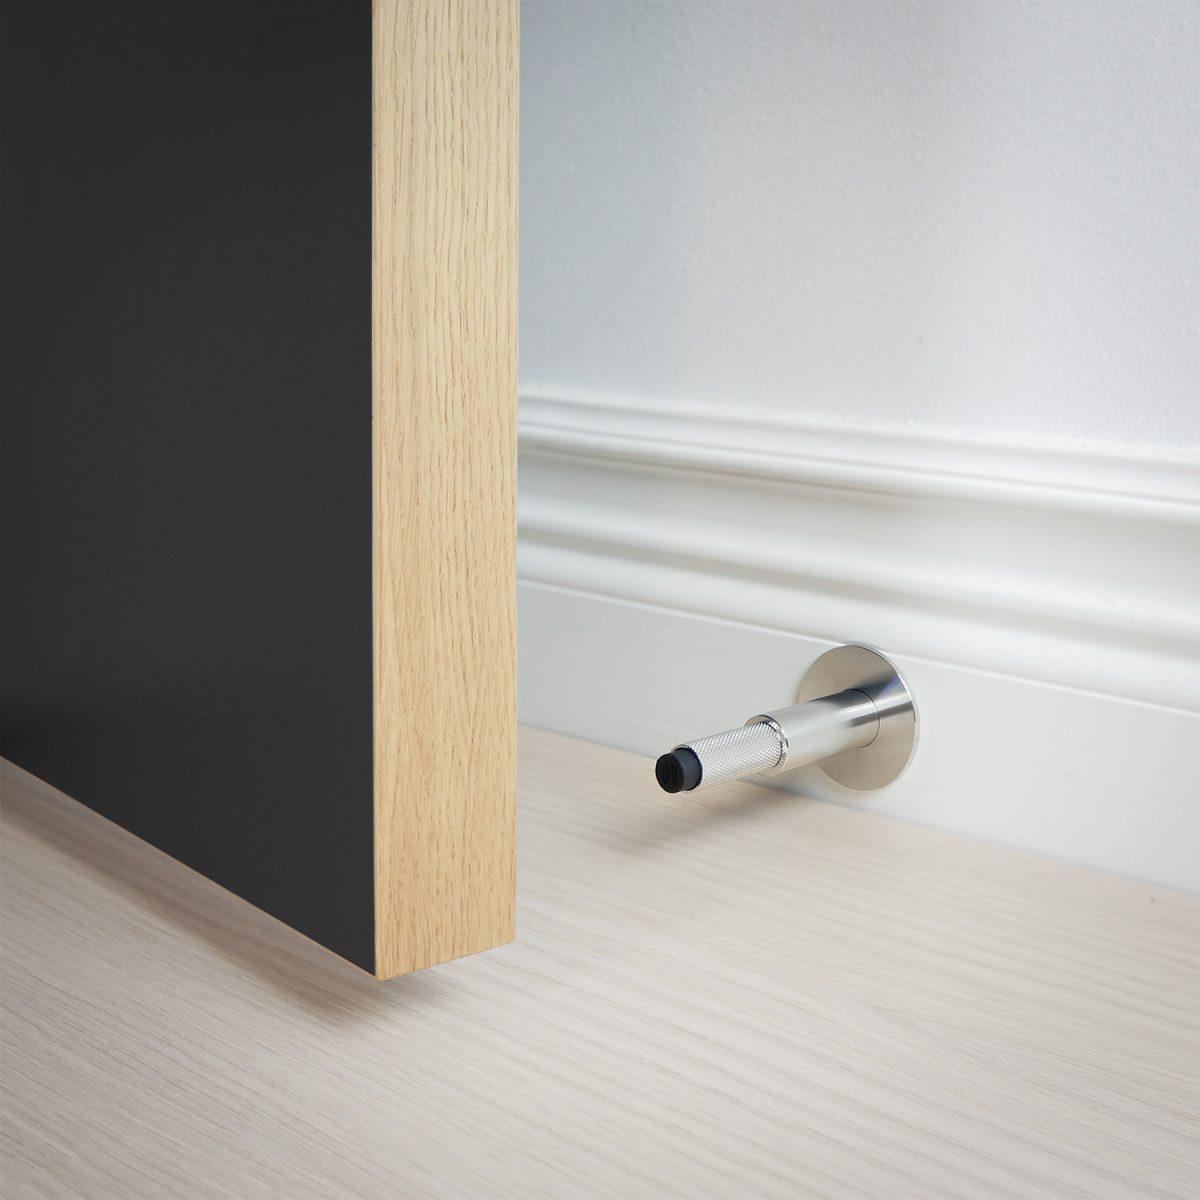 dörrstopp-vägg-dörr-stål-buster-punch-njord